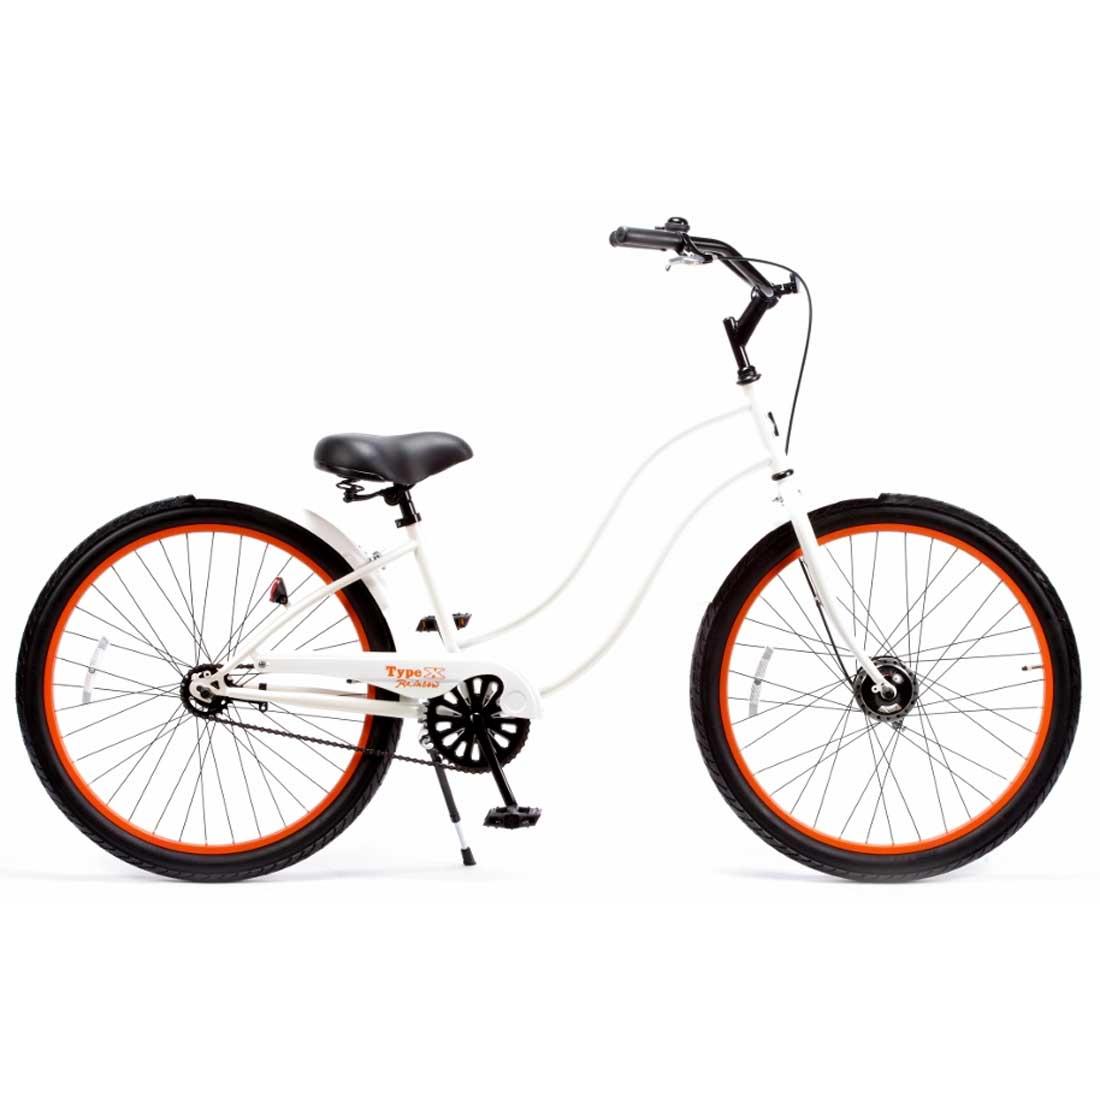 ビーチクルーザー 26インチ おしゃれ 自転車 通勤 通学 レインボービーチクルーザー 26TYPE-X-LADY グロスホワイト×オレンジリム メンズ レディース